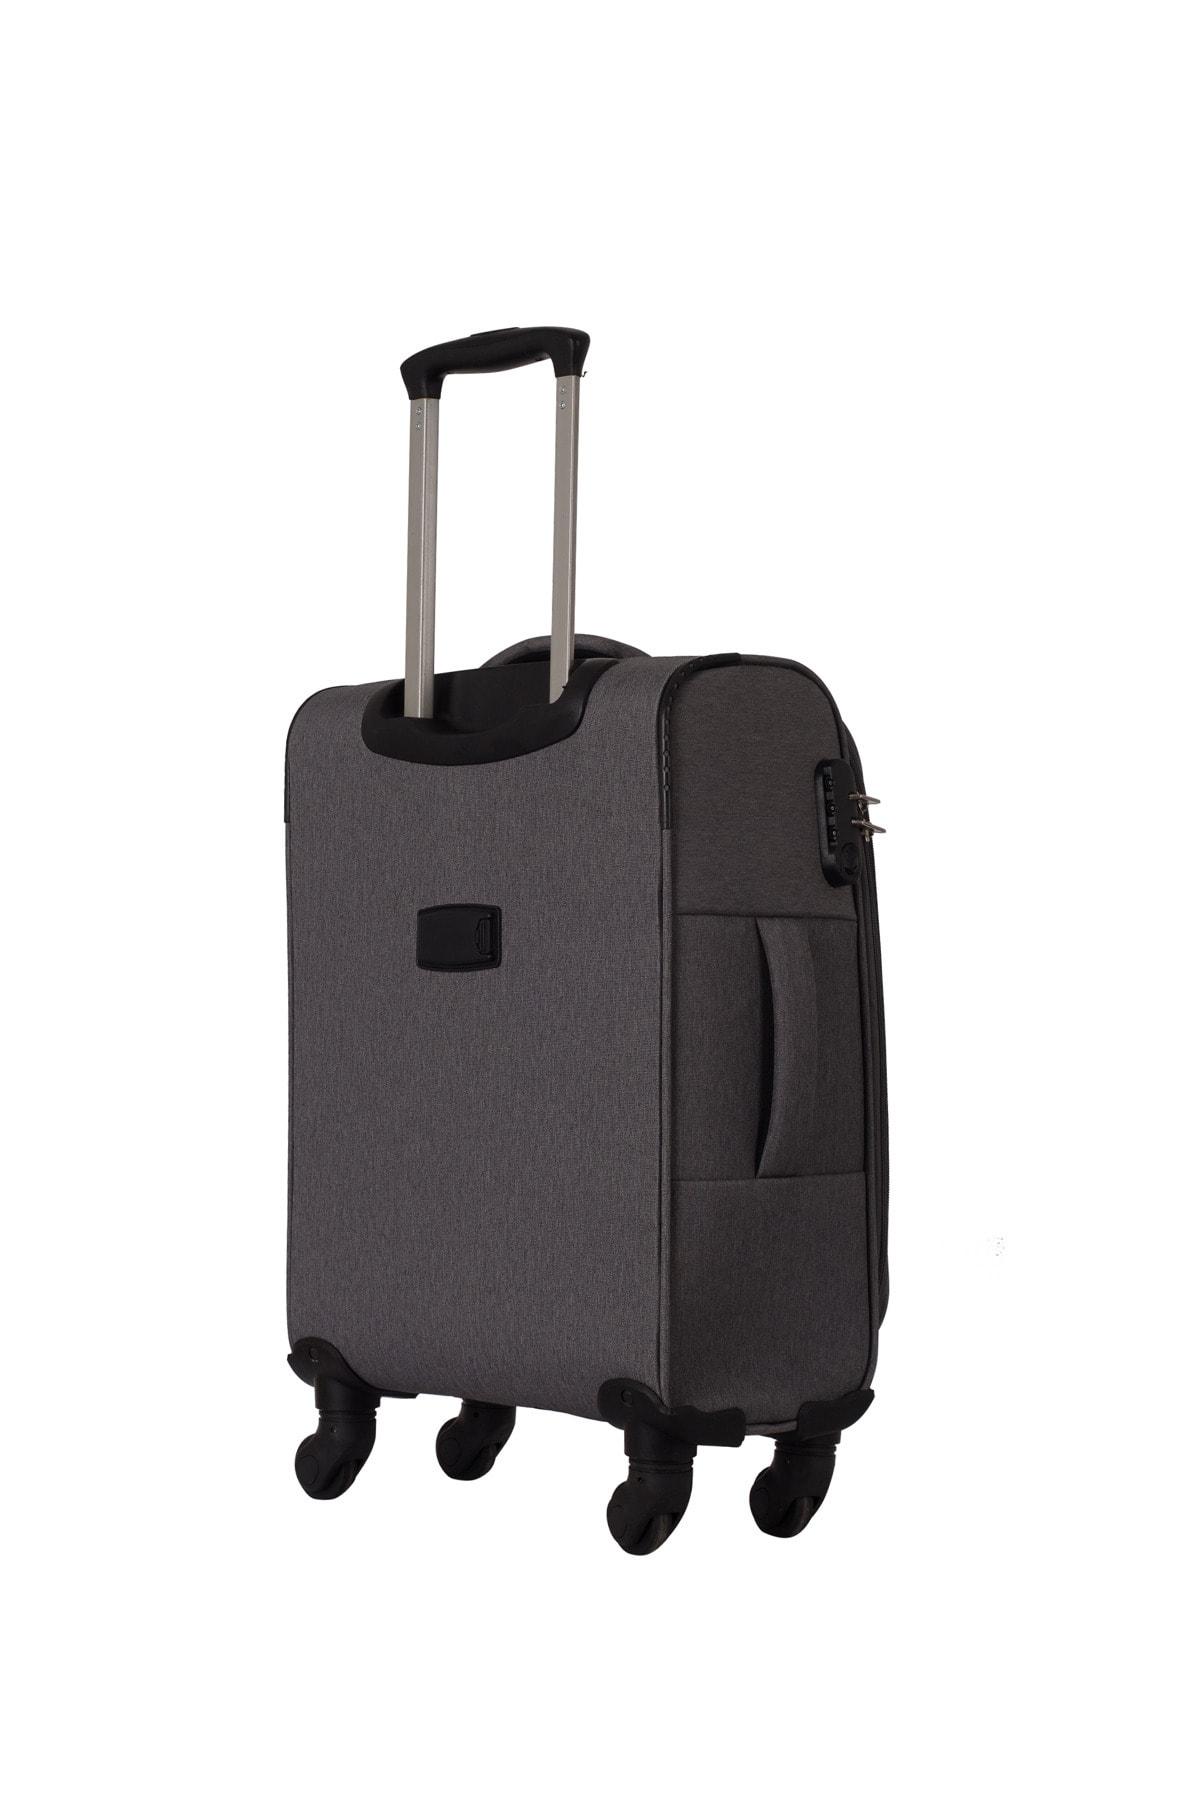 ÇÇS Gri Valiz 409/55 cm